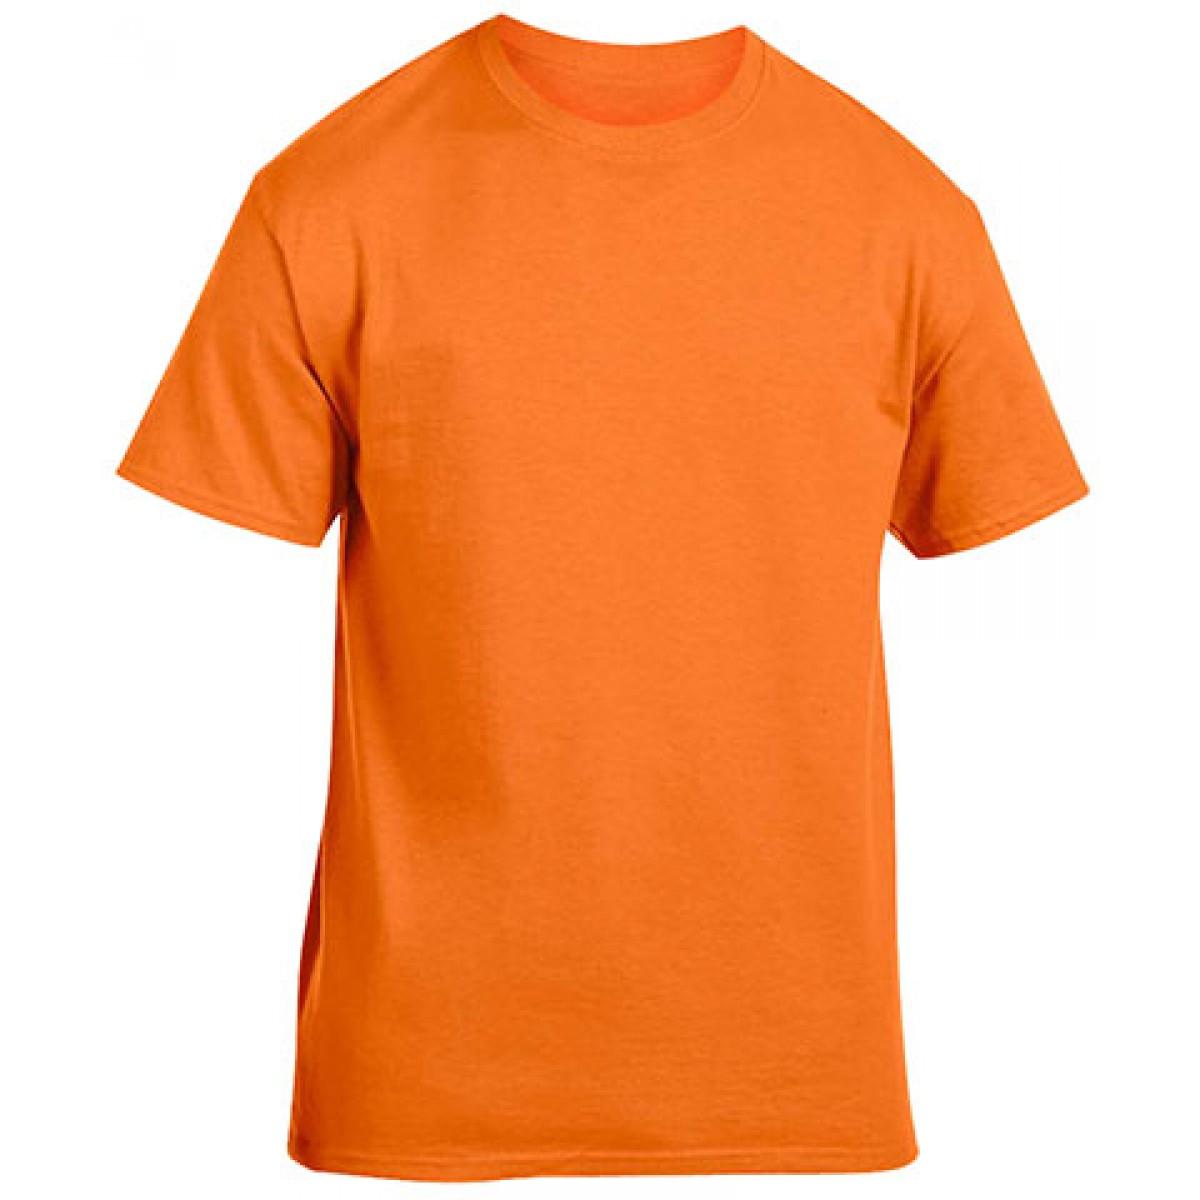 Heavy Cotton Activewear T-Shirt-Safety Orange-2XL